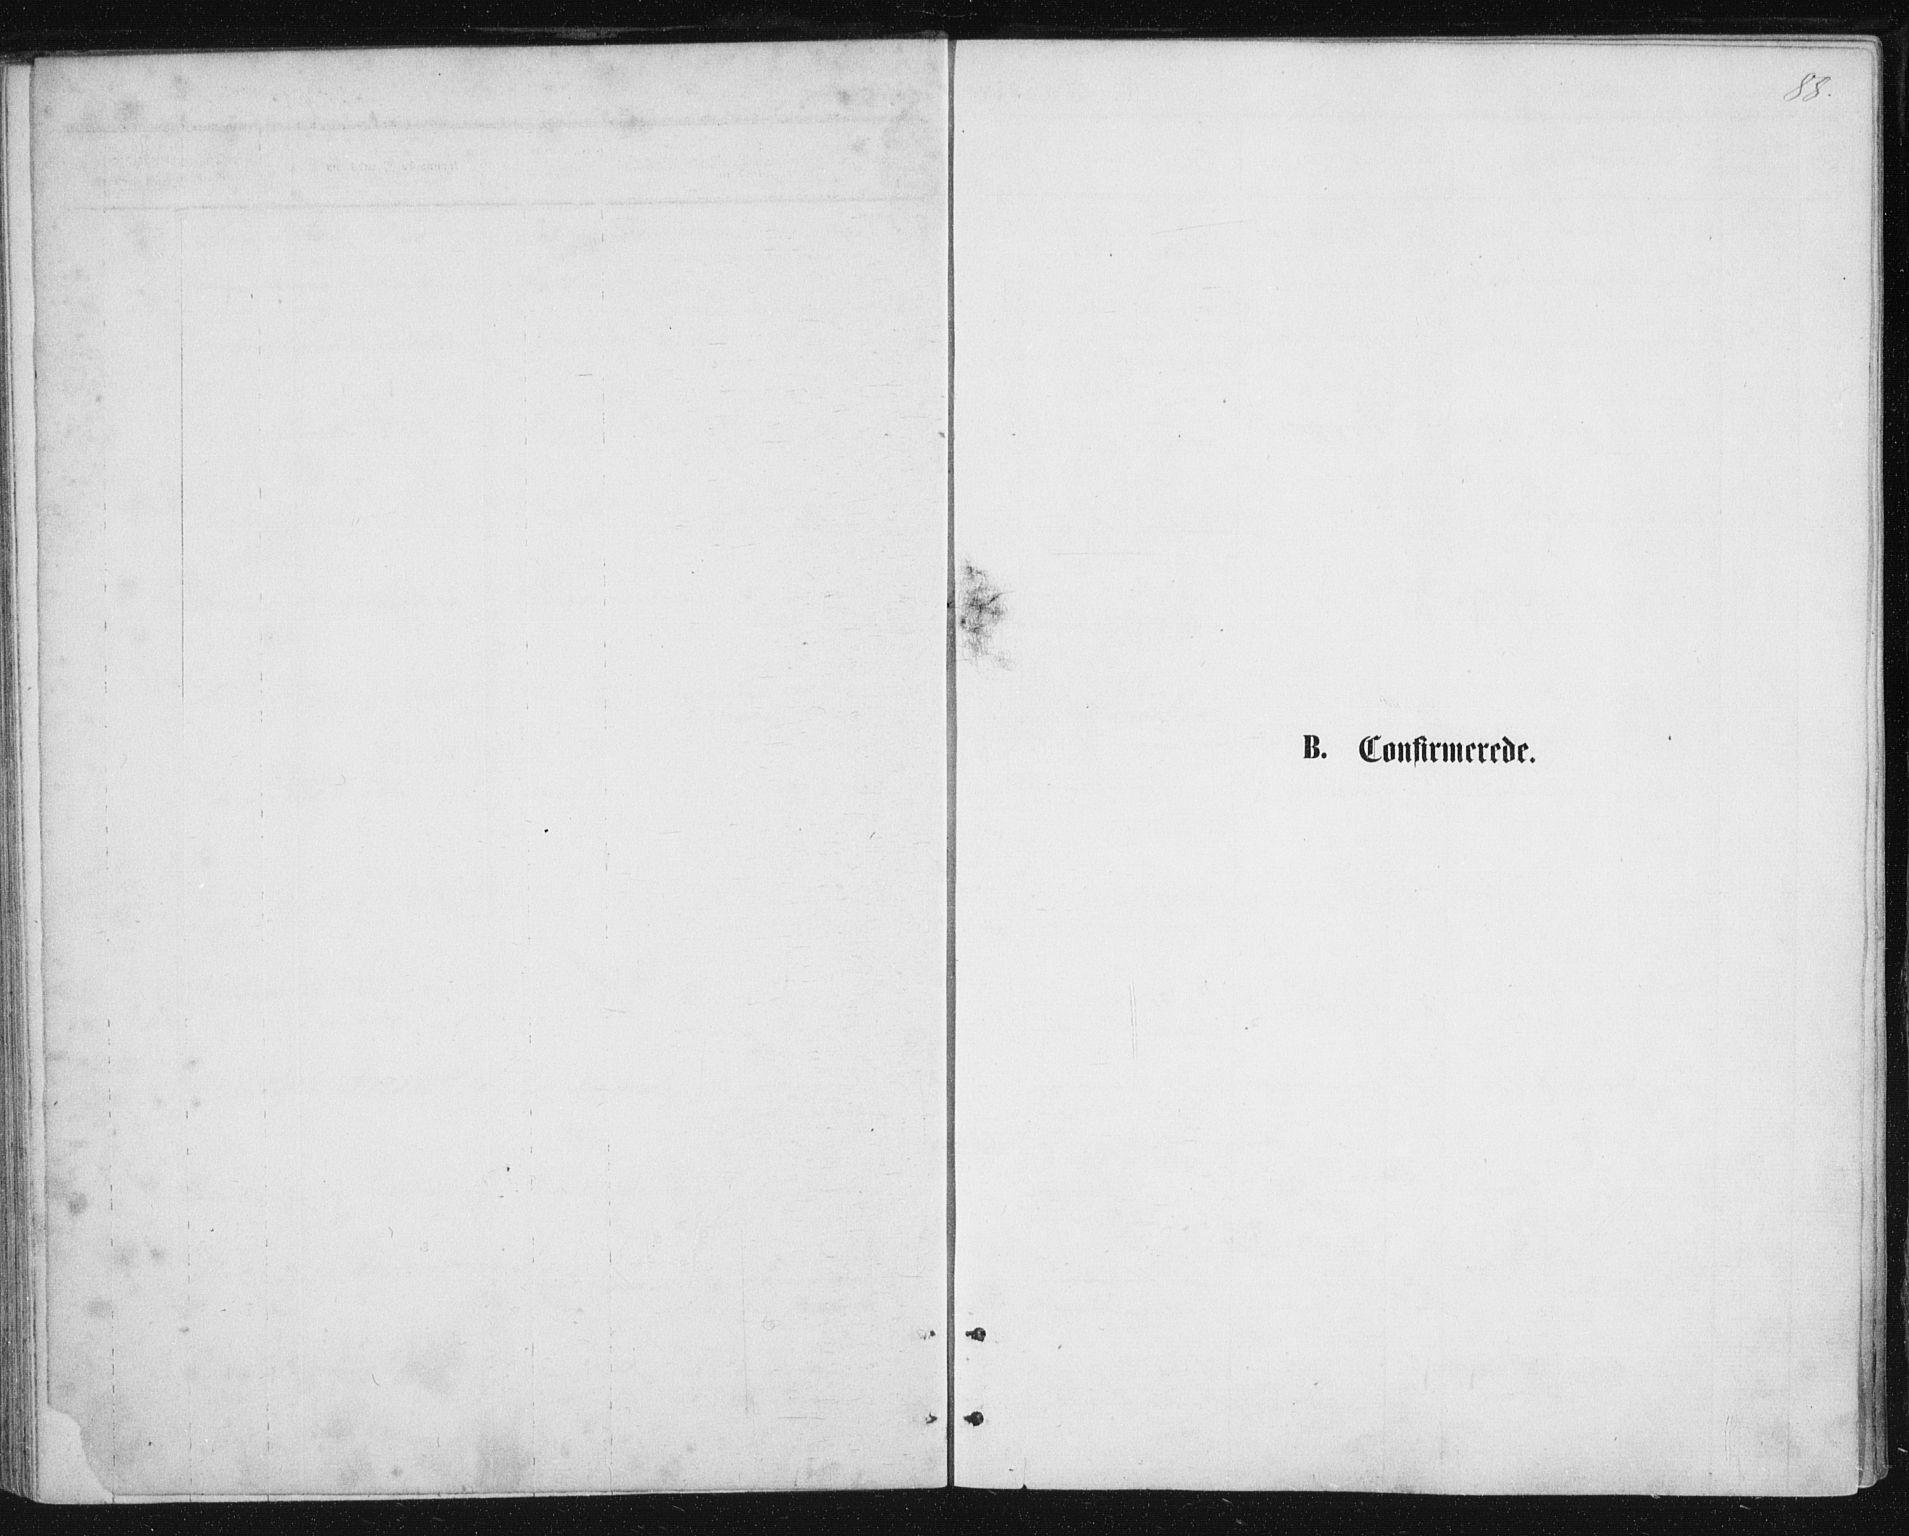 SAT, Ministerialprotokoller, klokkerbøker og fødselsregistre - Nordland, 888/L1243: Parish register (official) no. 888A09, 1876-1879, p. 88